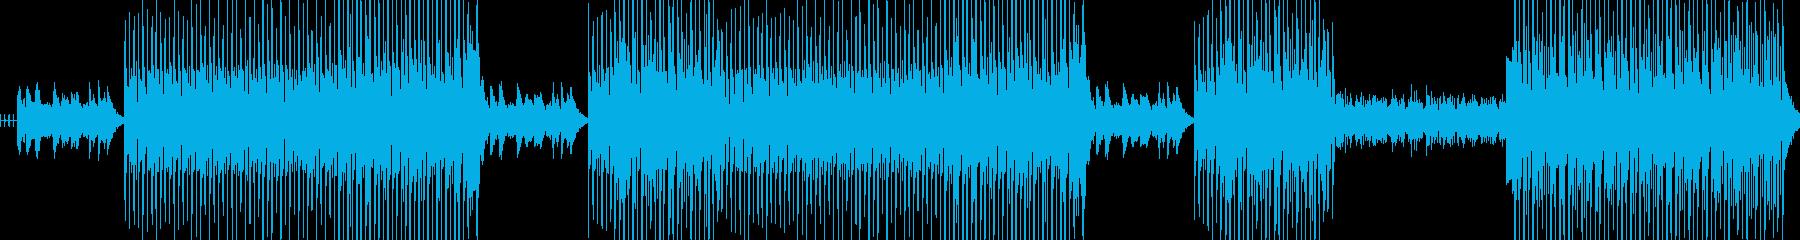 エネルギー、ポジティブ、メロディッ...の再生済みの波形